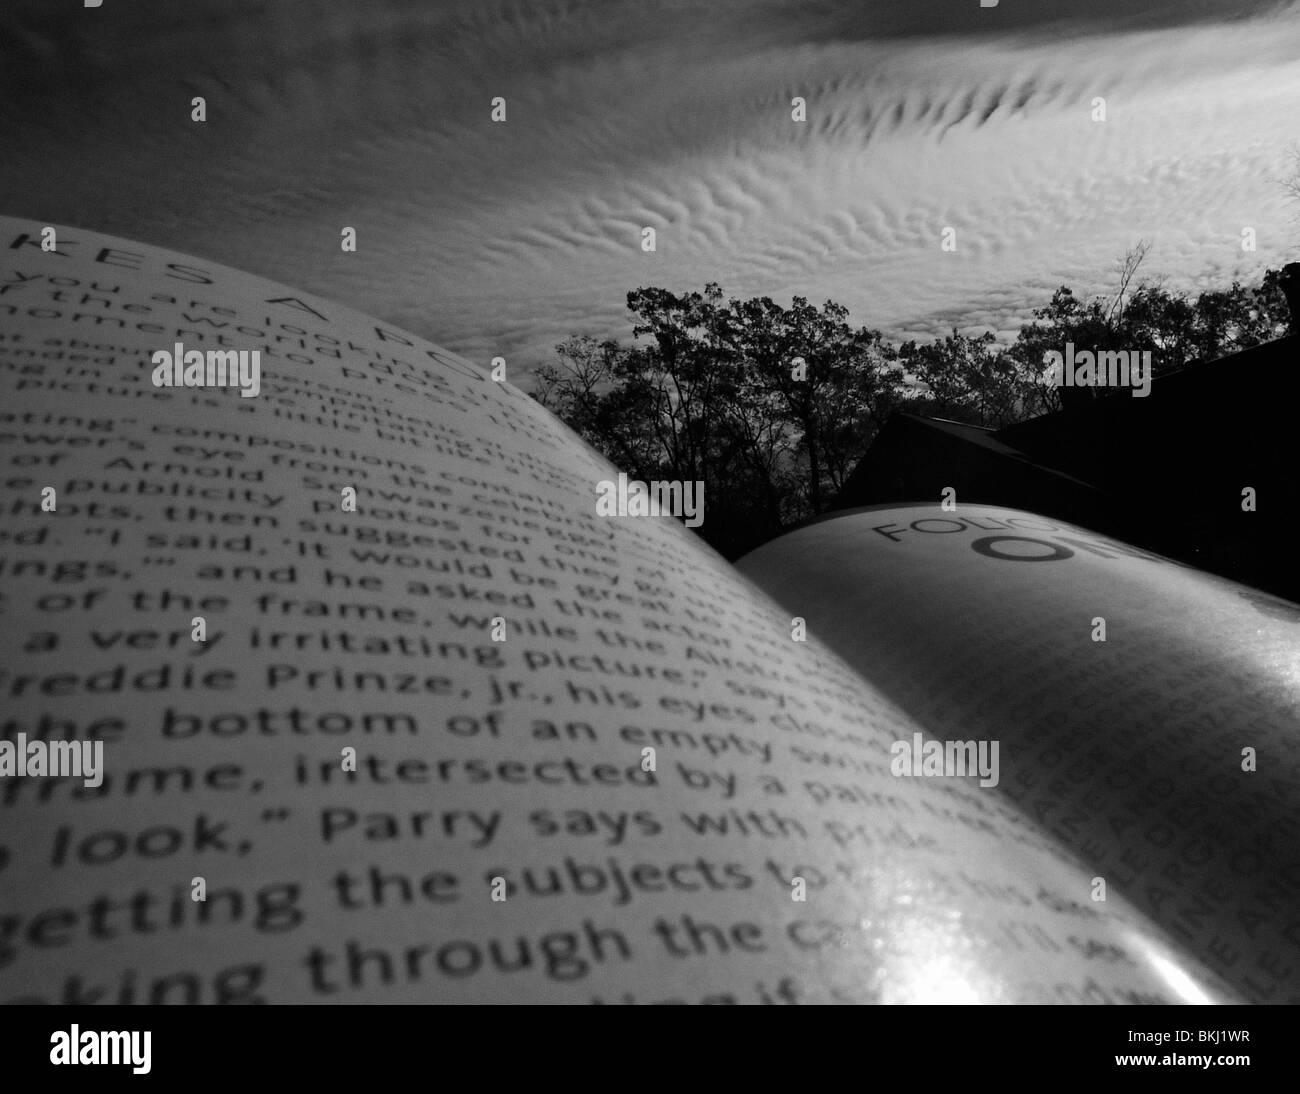 Magazine ouvert avec ciel abstrait en arrière-plan. Photo Stock